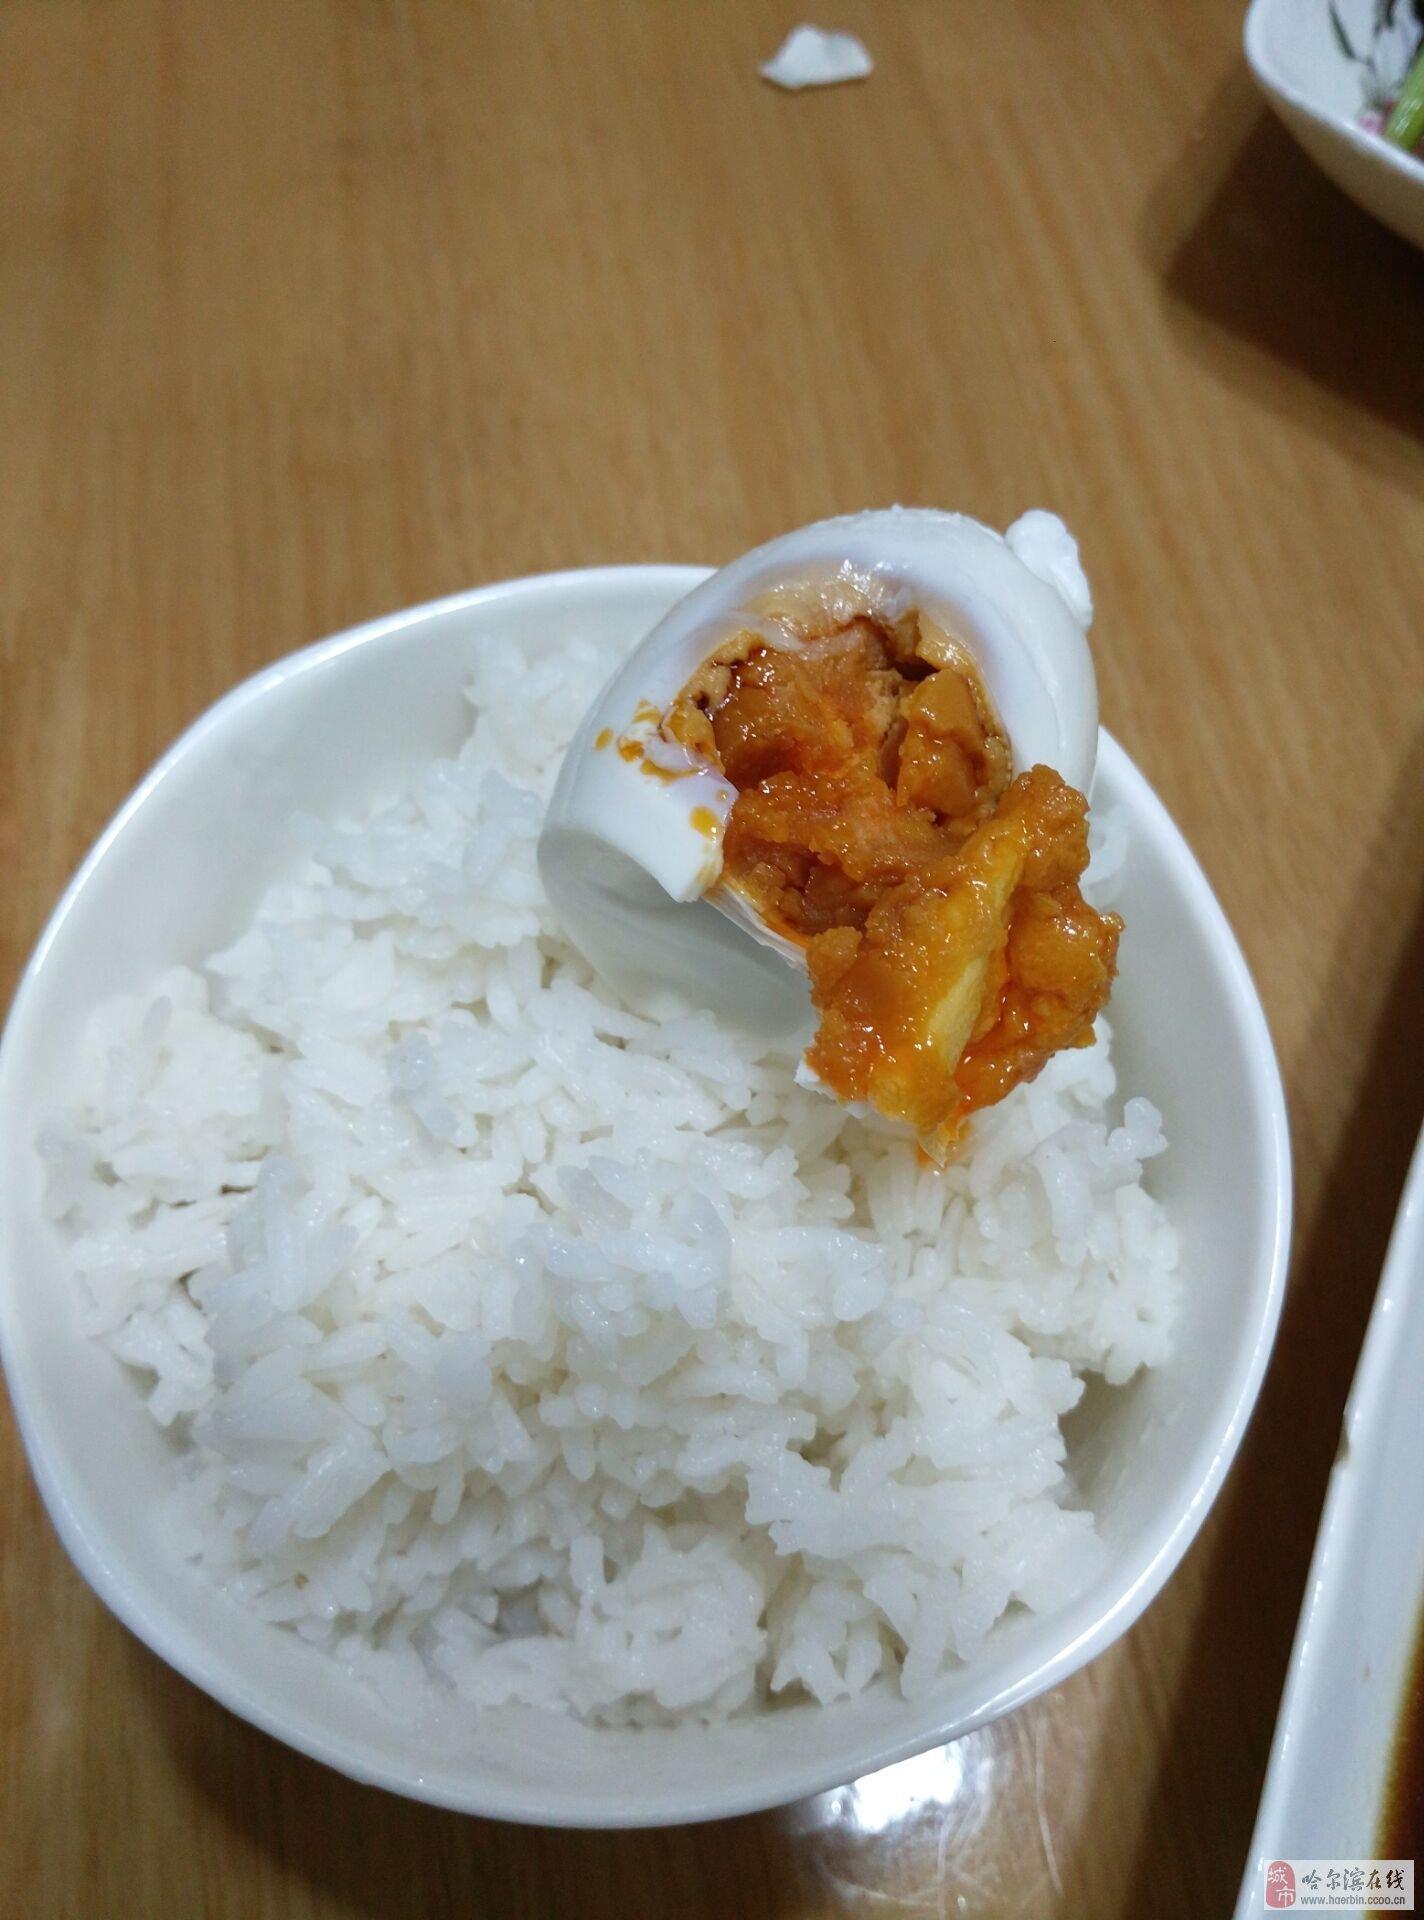 正宗海鸭蛋,广西北部湾海鸭蛋,咸鸭蛋.